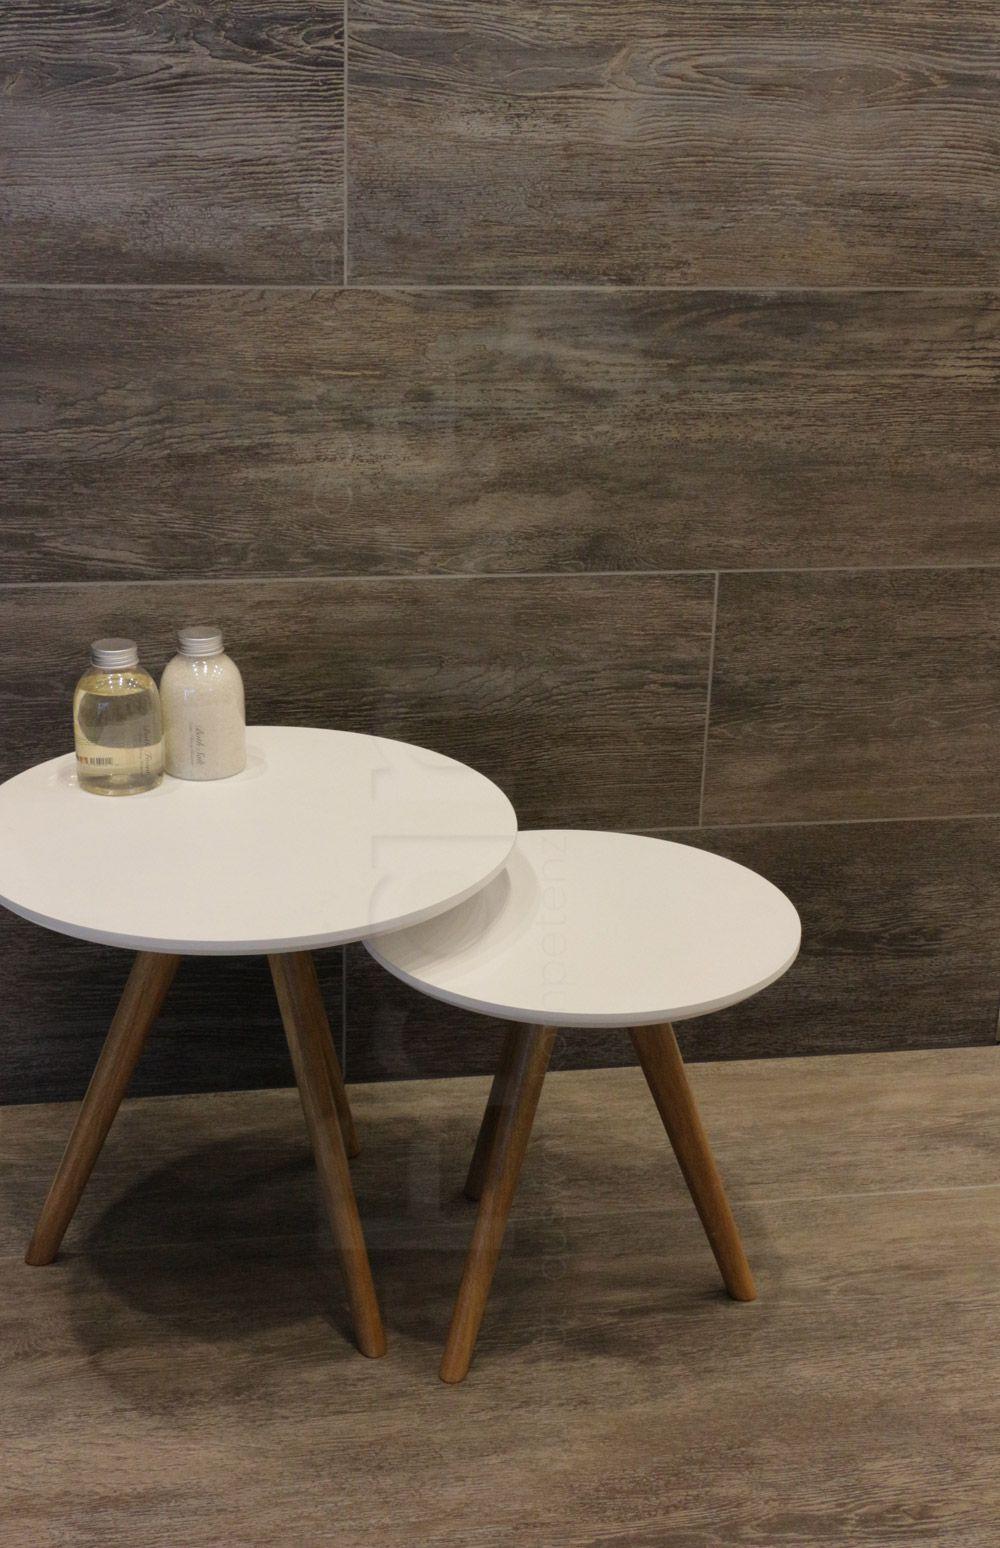 Die neue Oberfläche der Serie Driftwood, zeigt abgenutzes, von der ...